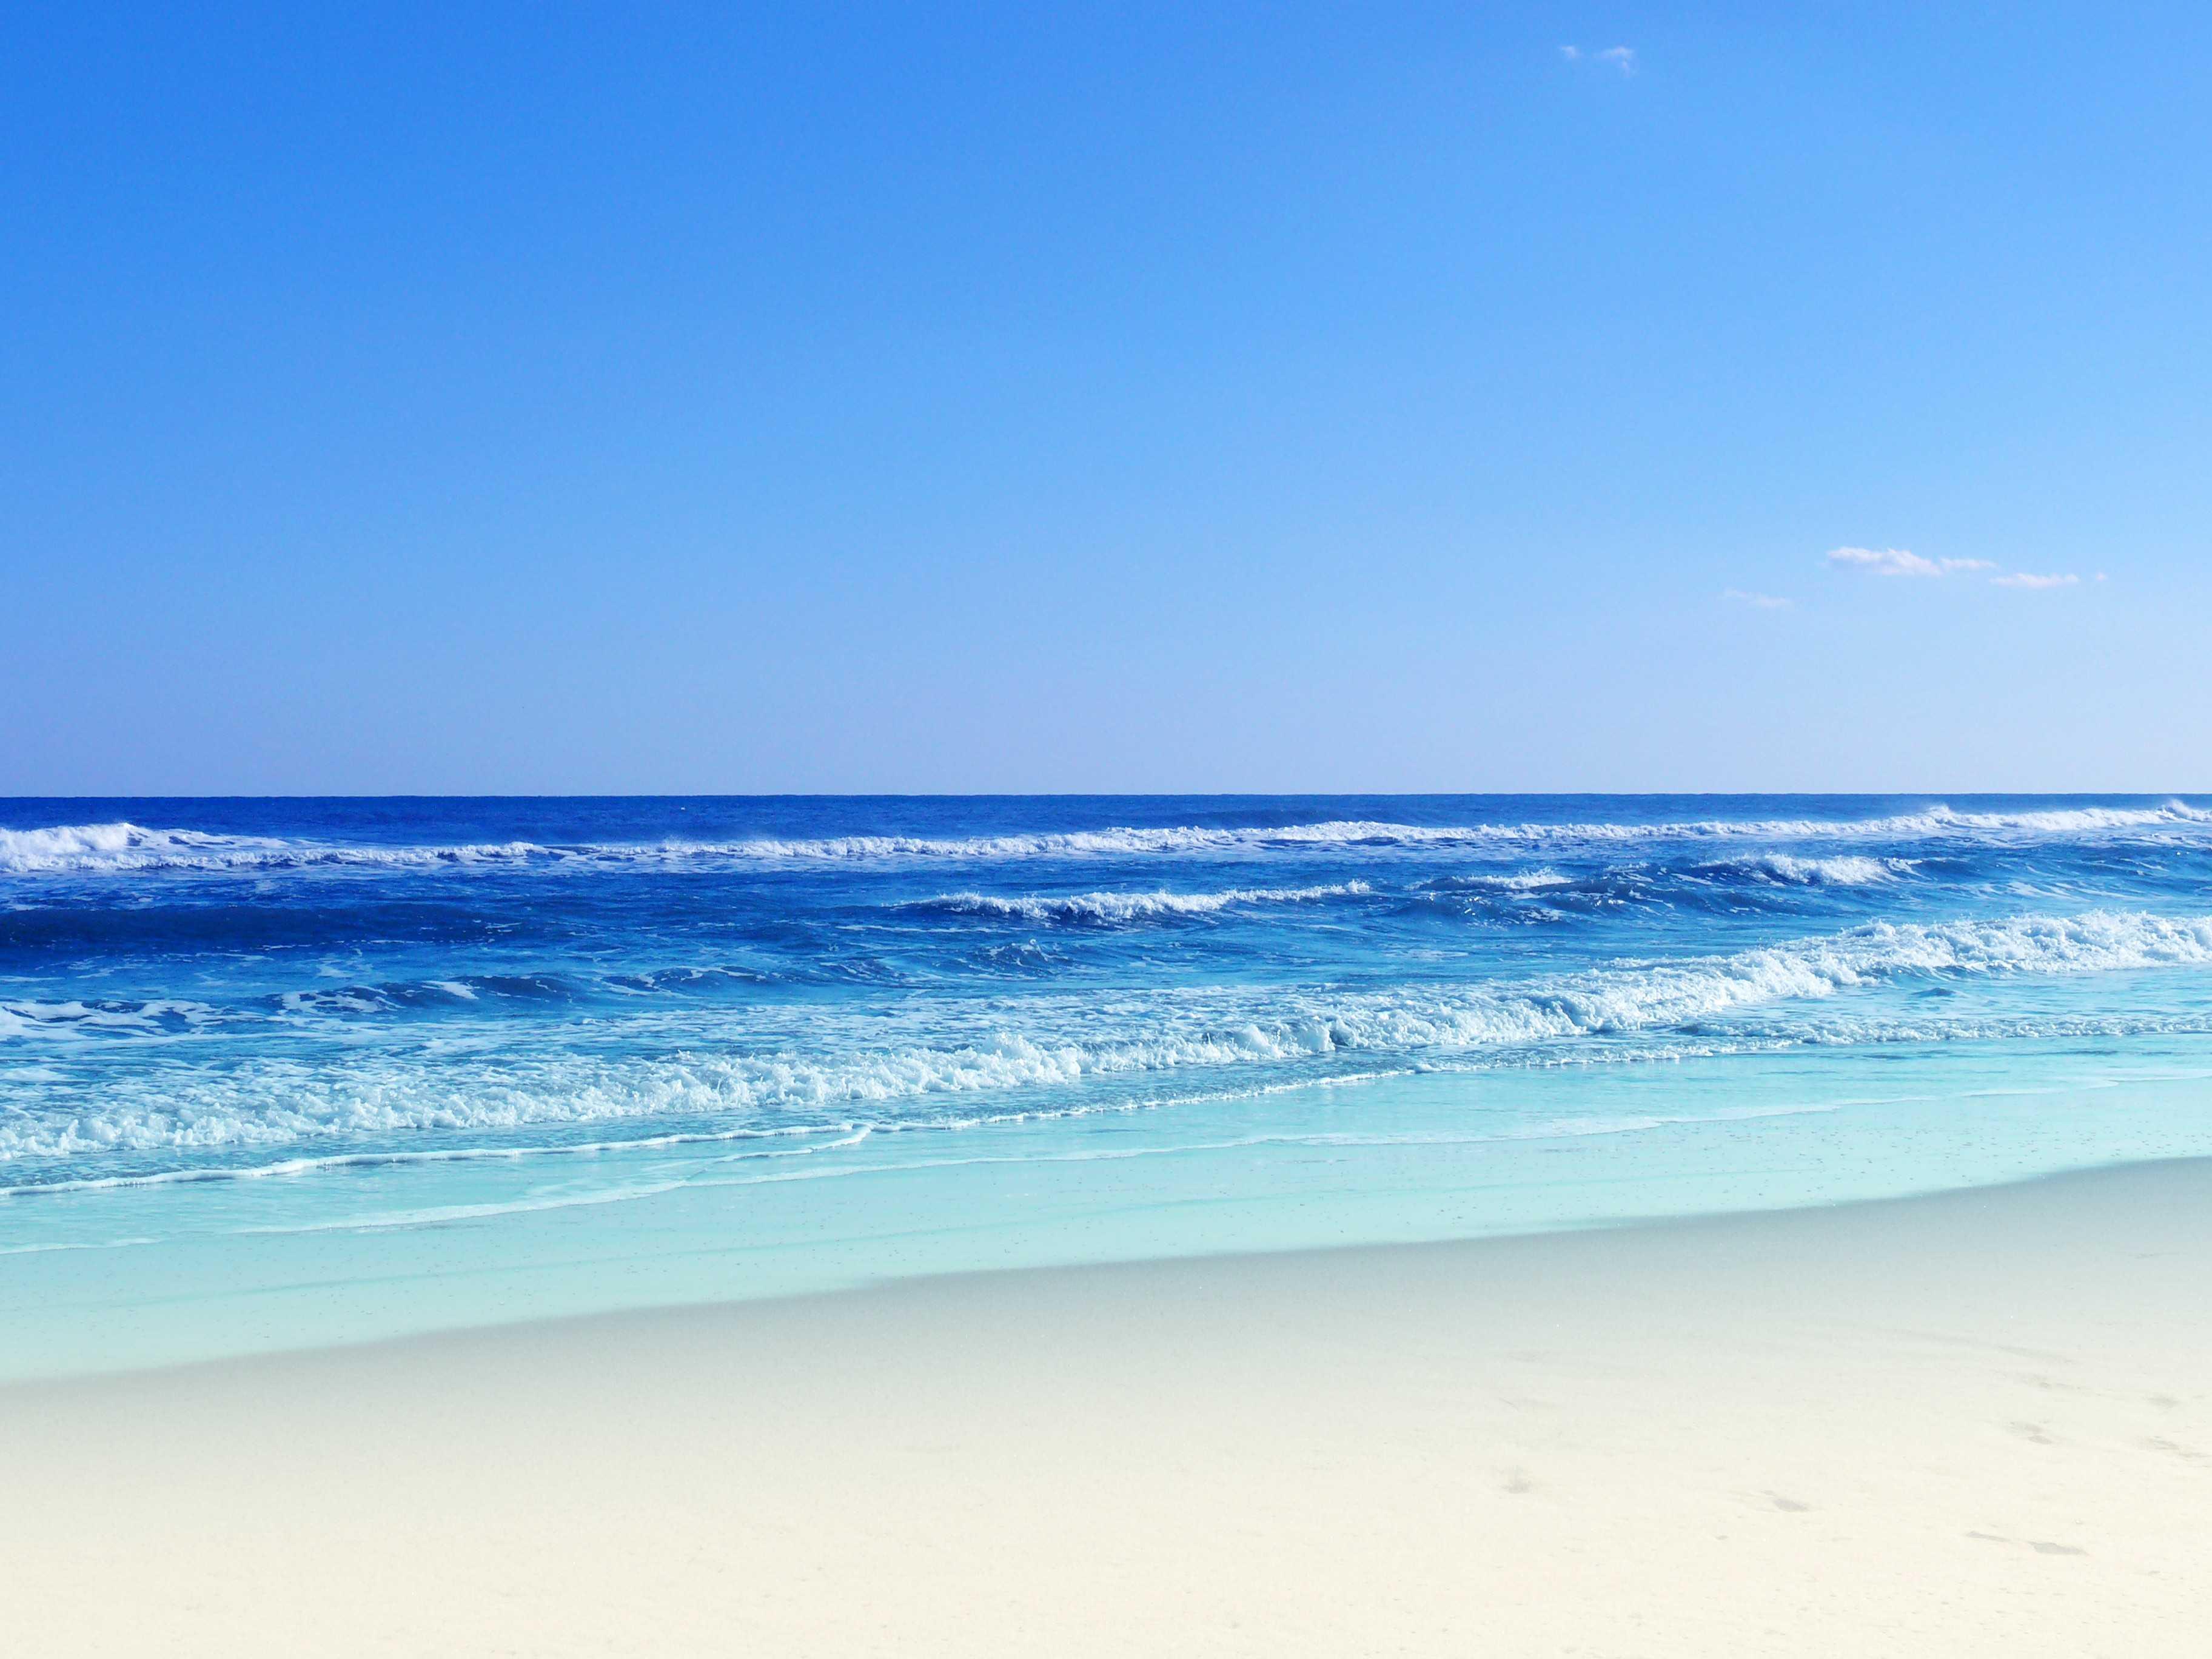 画像 美しい海 ビーチ 画像まとめ 100枚以上 壁紙 高画質